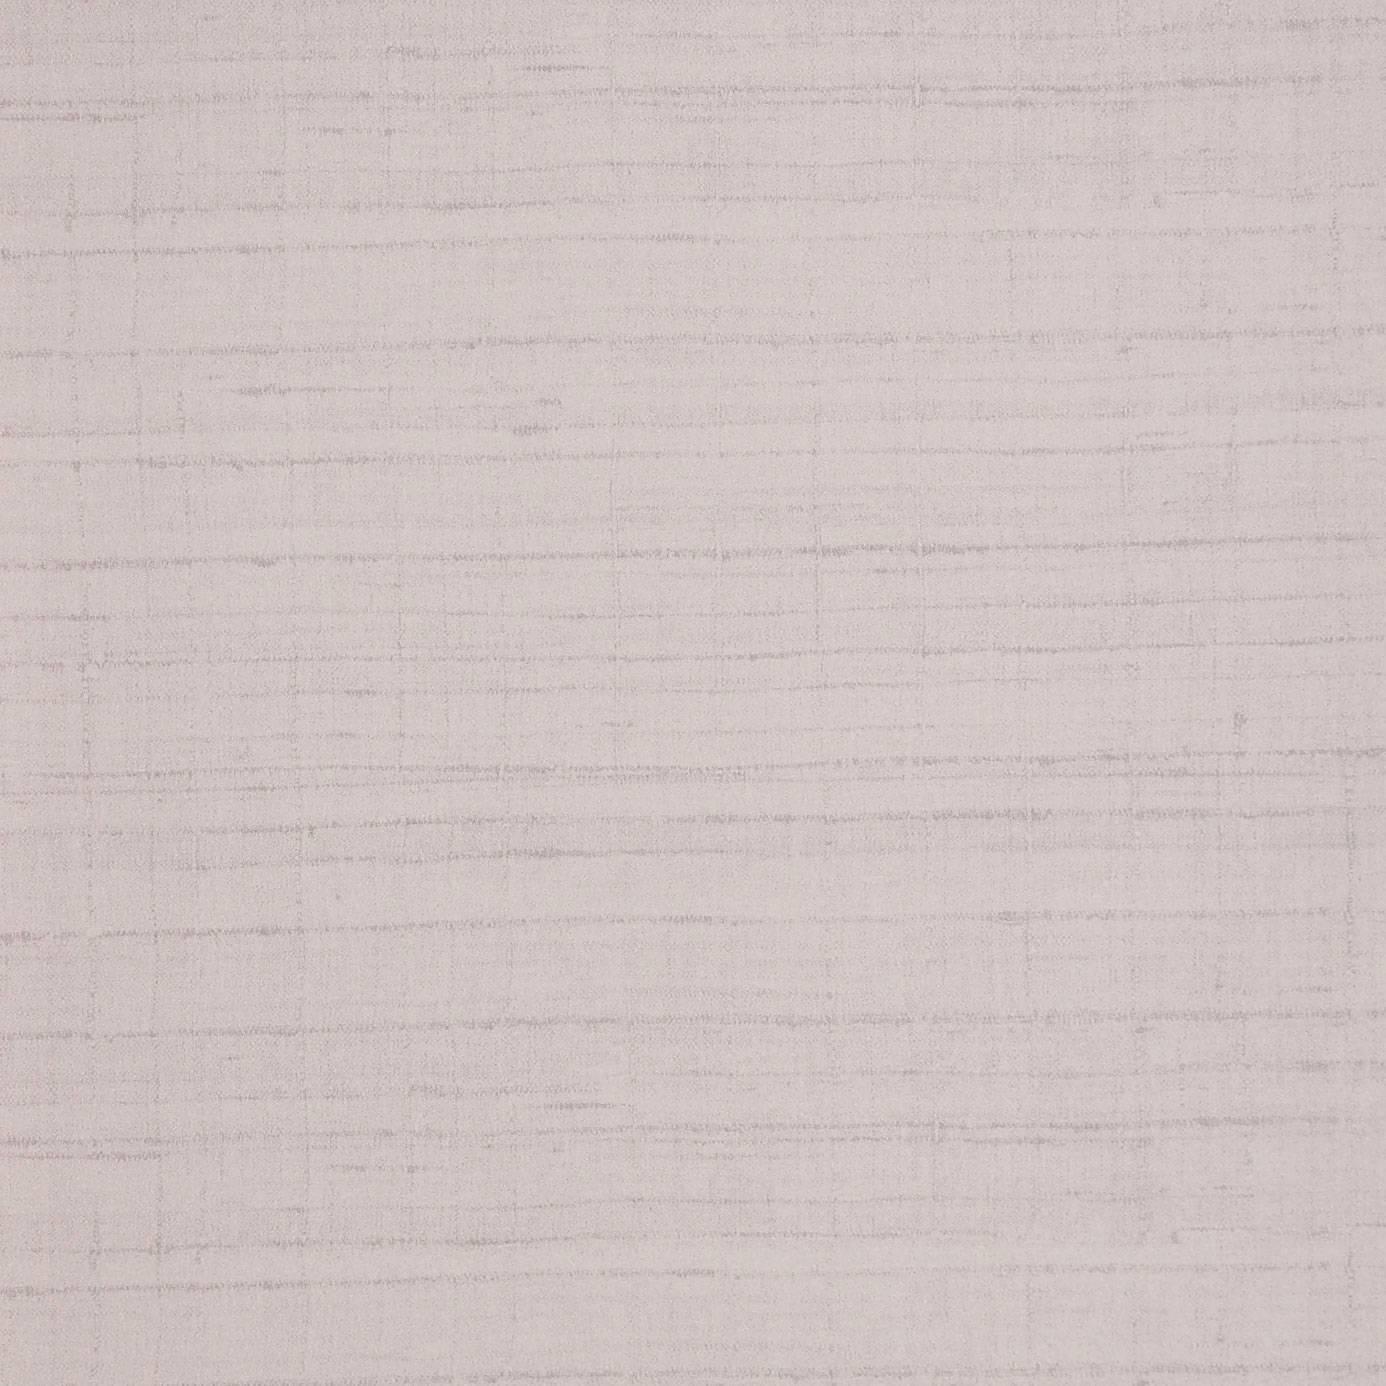 Silk Wallpaper Heather 1927 153 Prestigious Textiles Neo